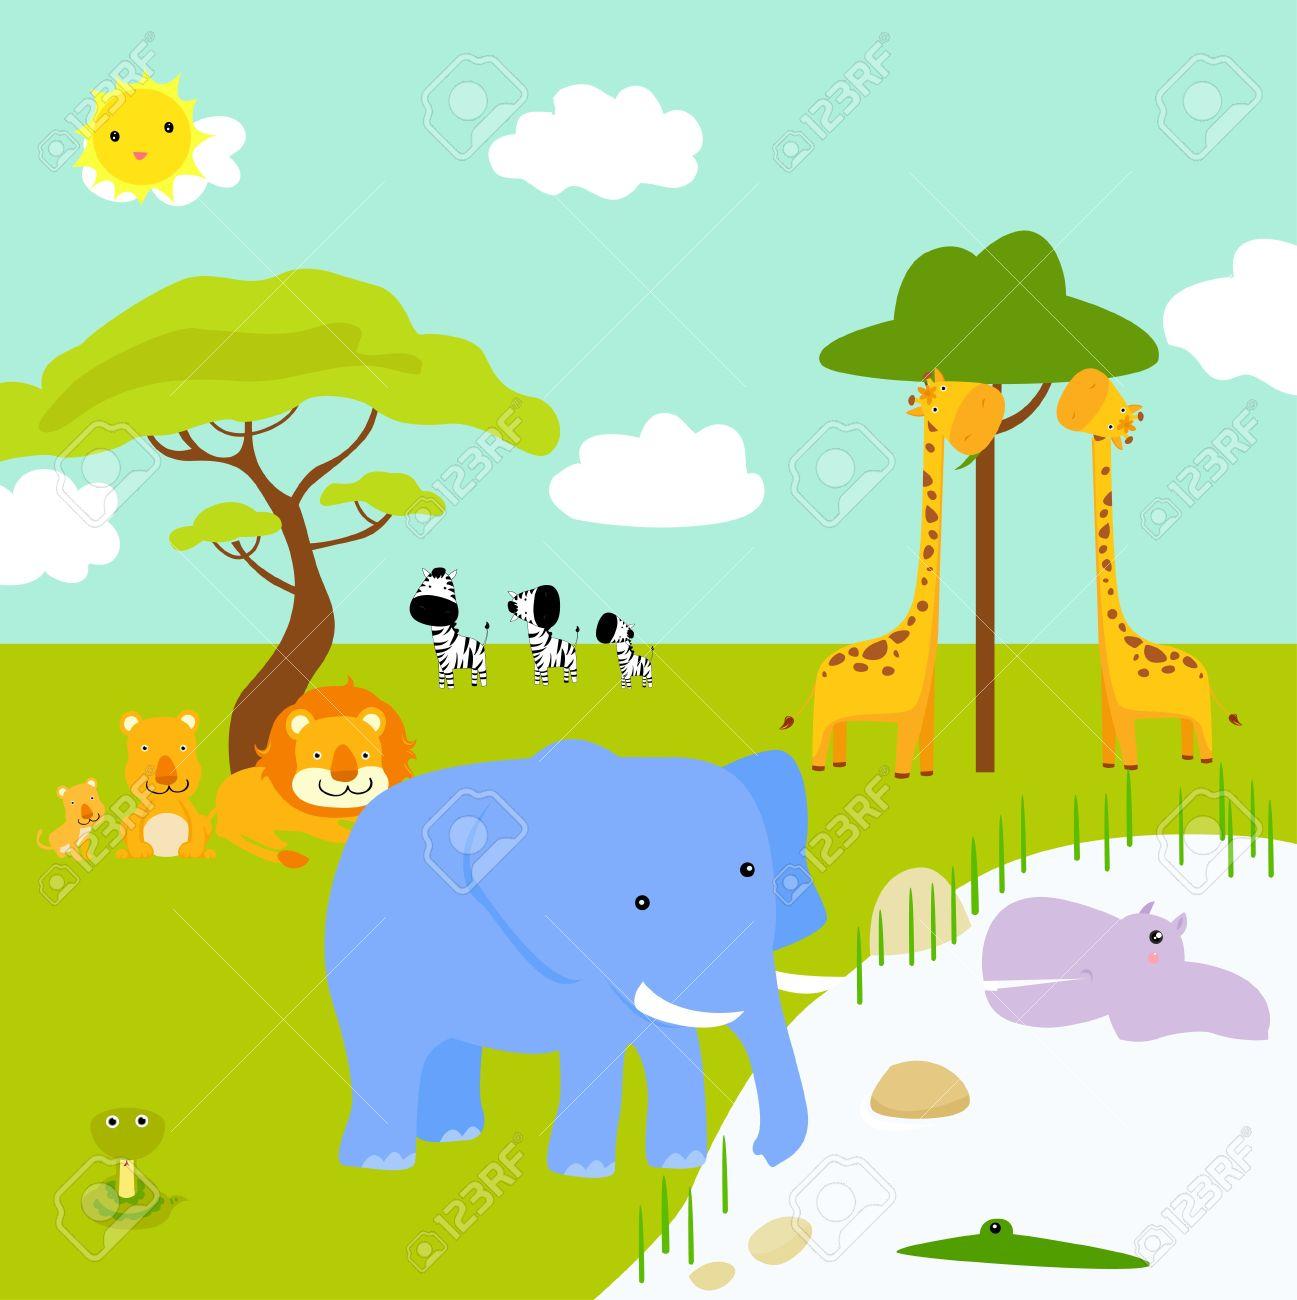 アフリカの風景や動物 - ベクトル イラスト ロイヤリティフリークリップ